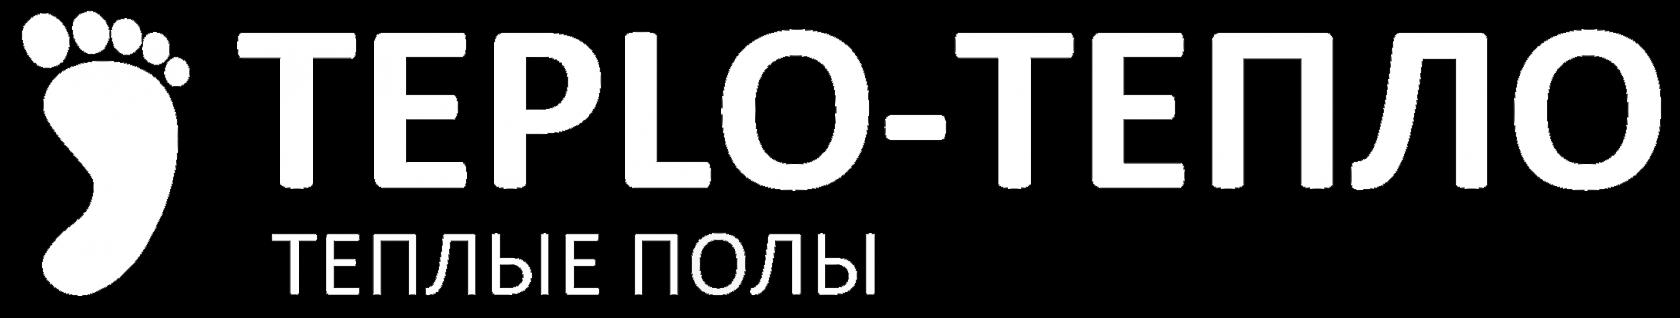 TEPLO-ТЕПЛО